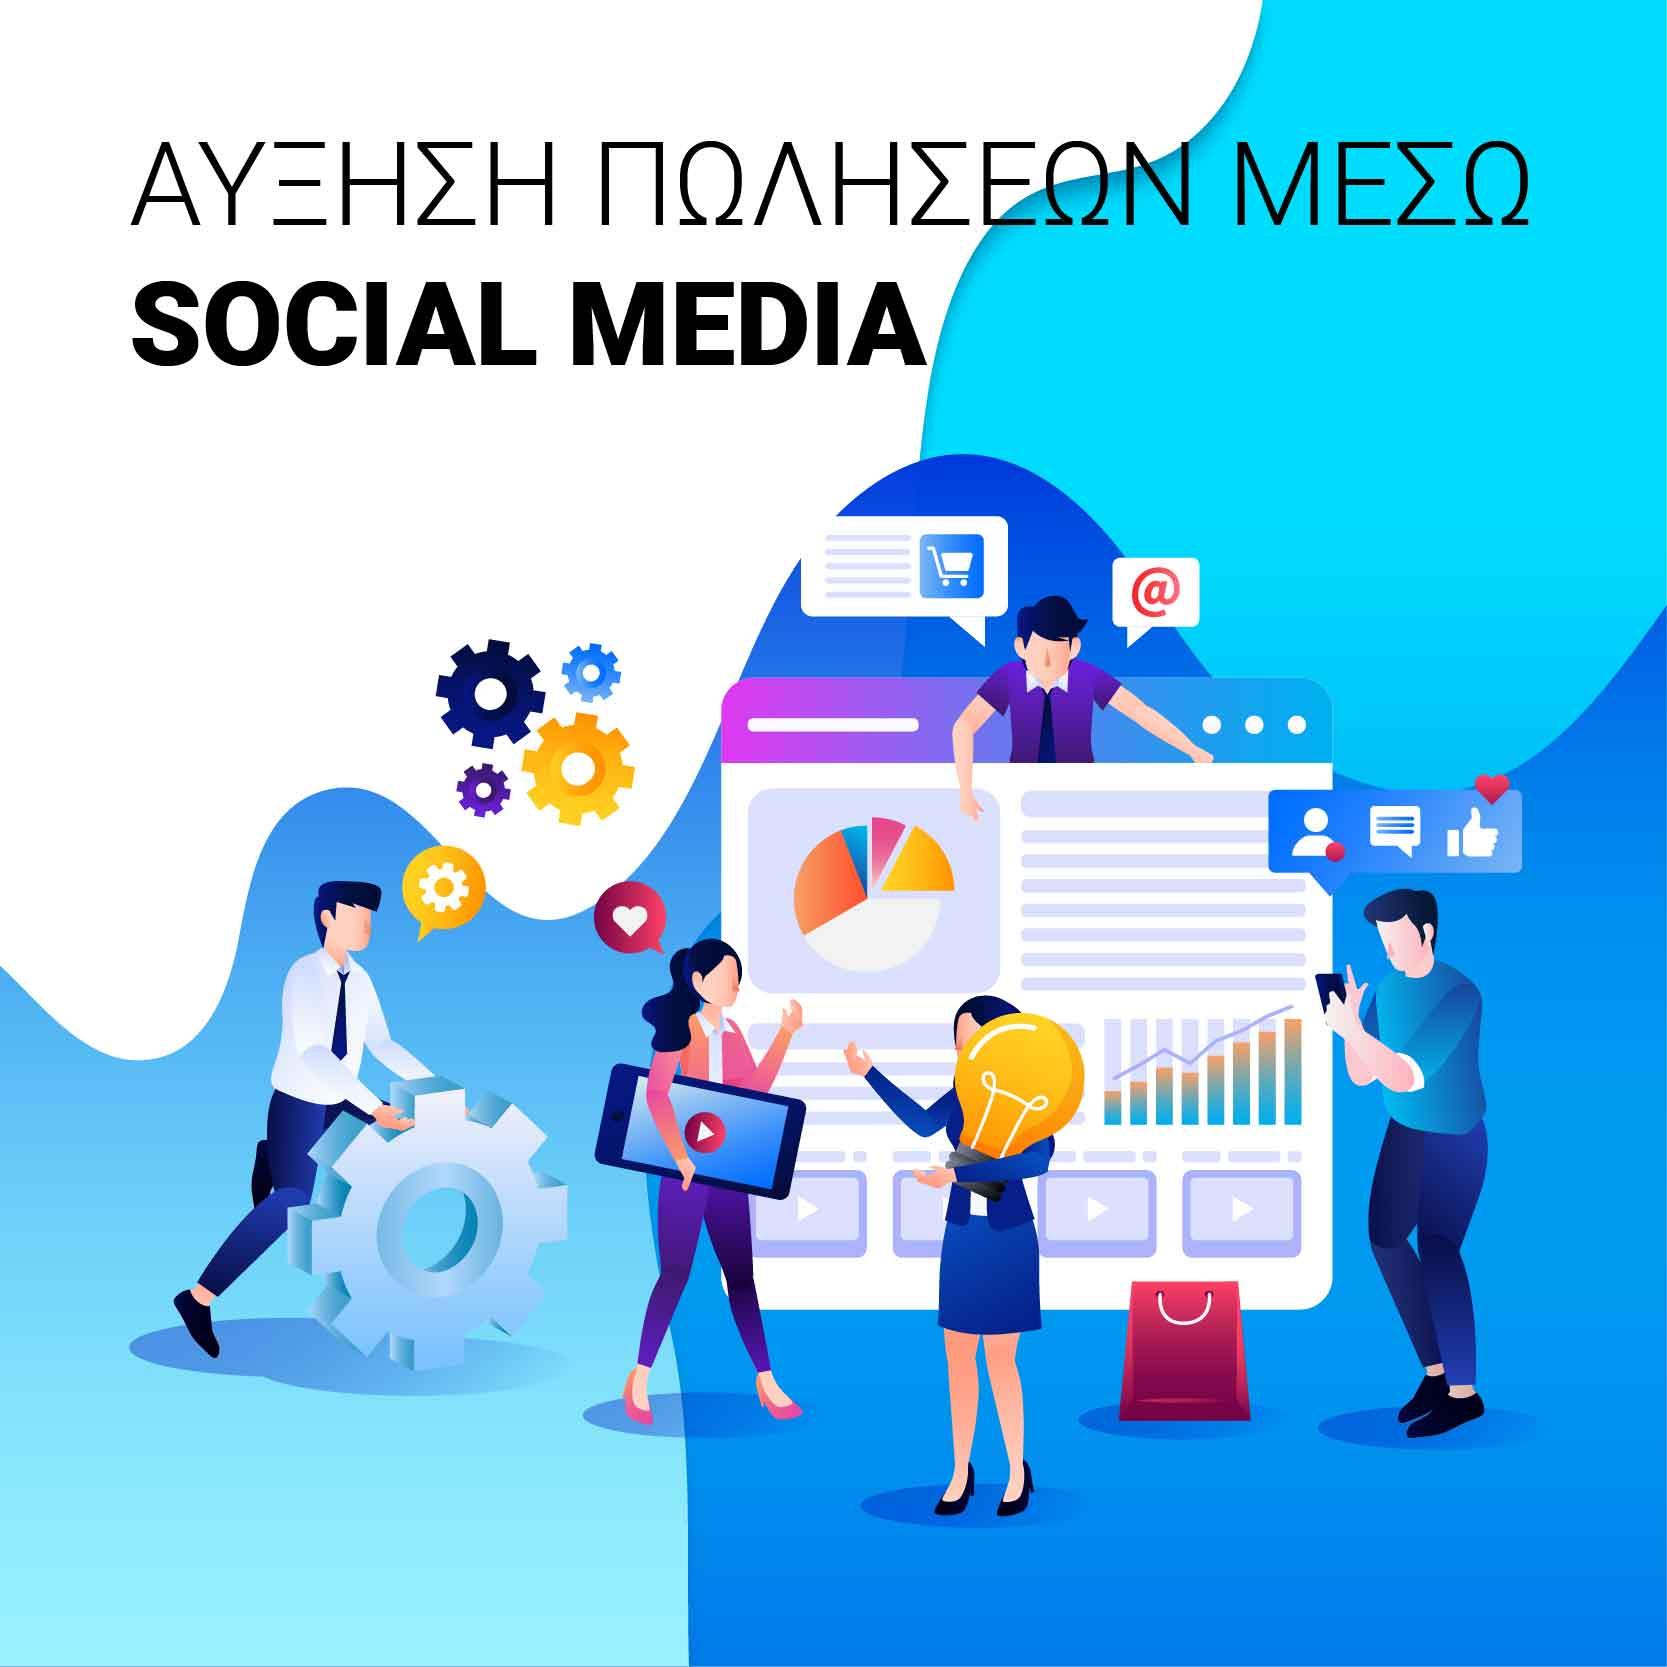 Αύξηση πωλήσεων μεσω social media